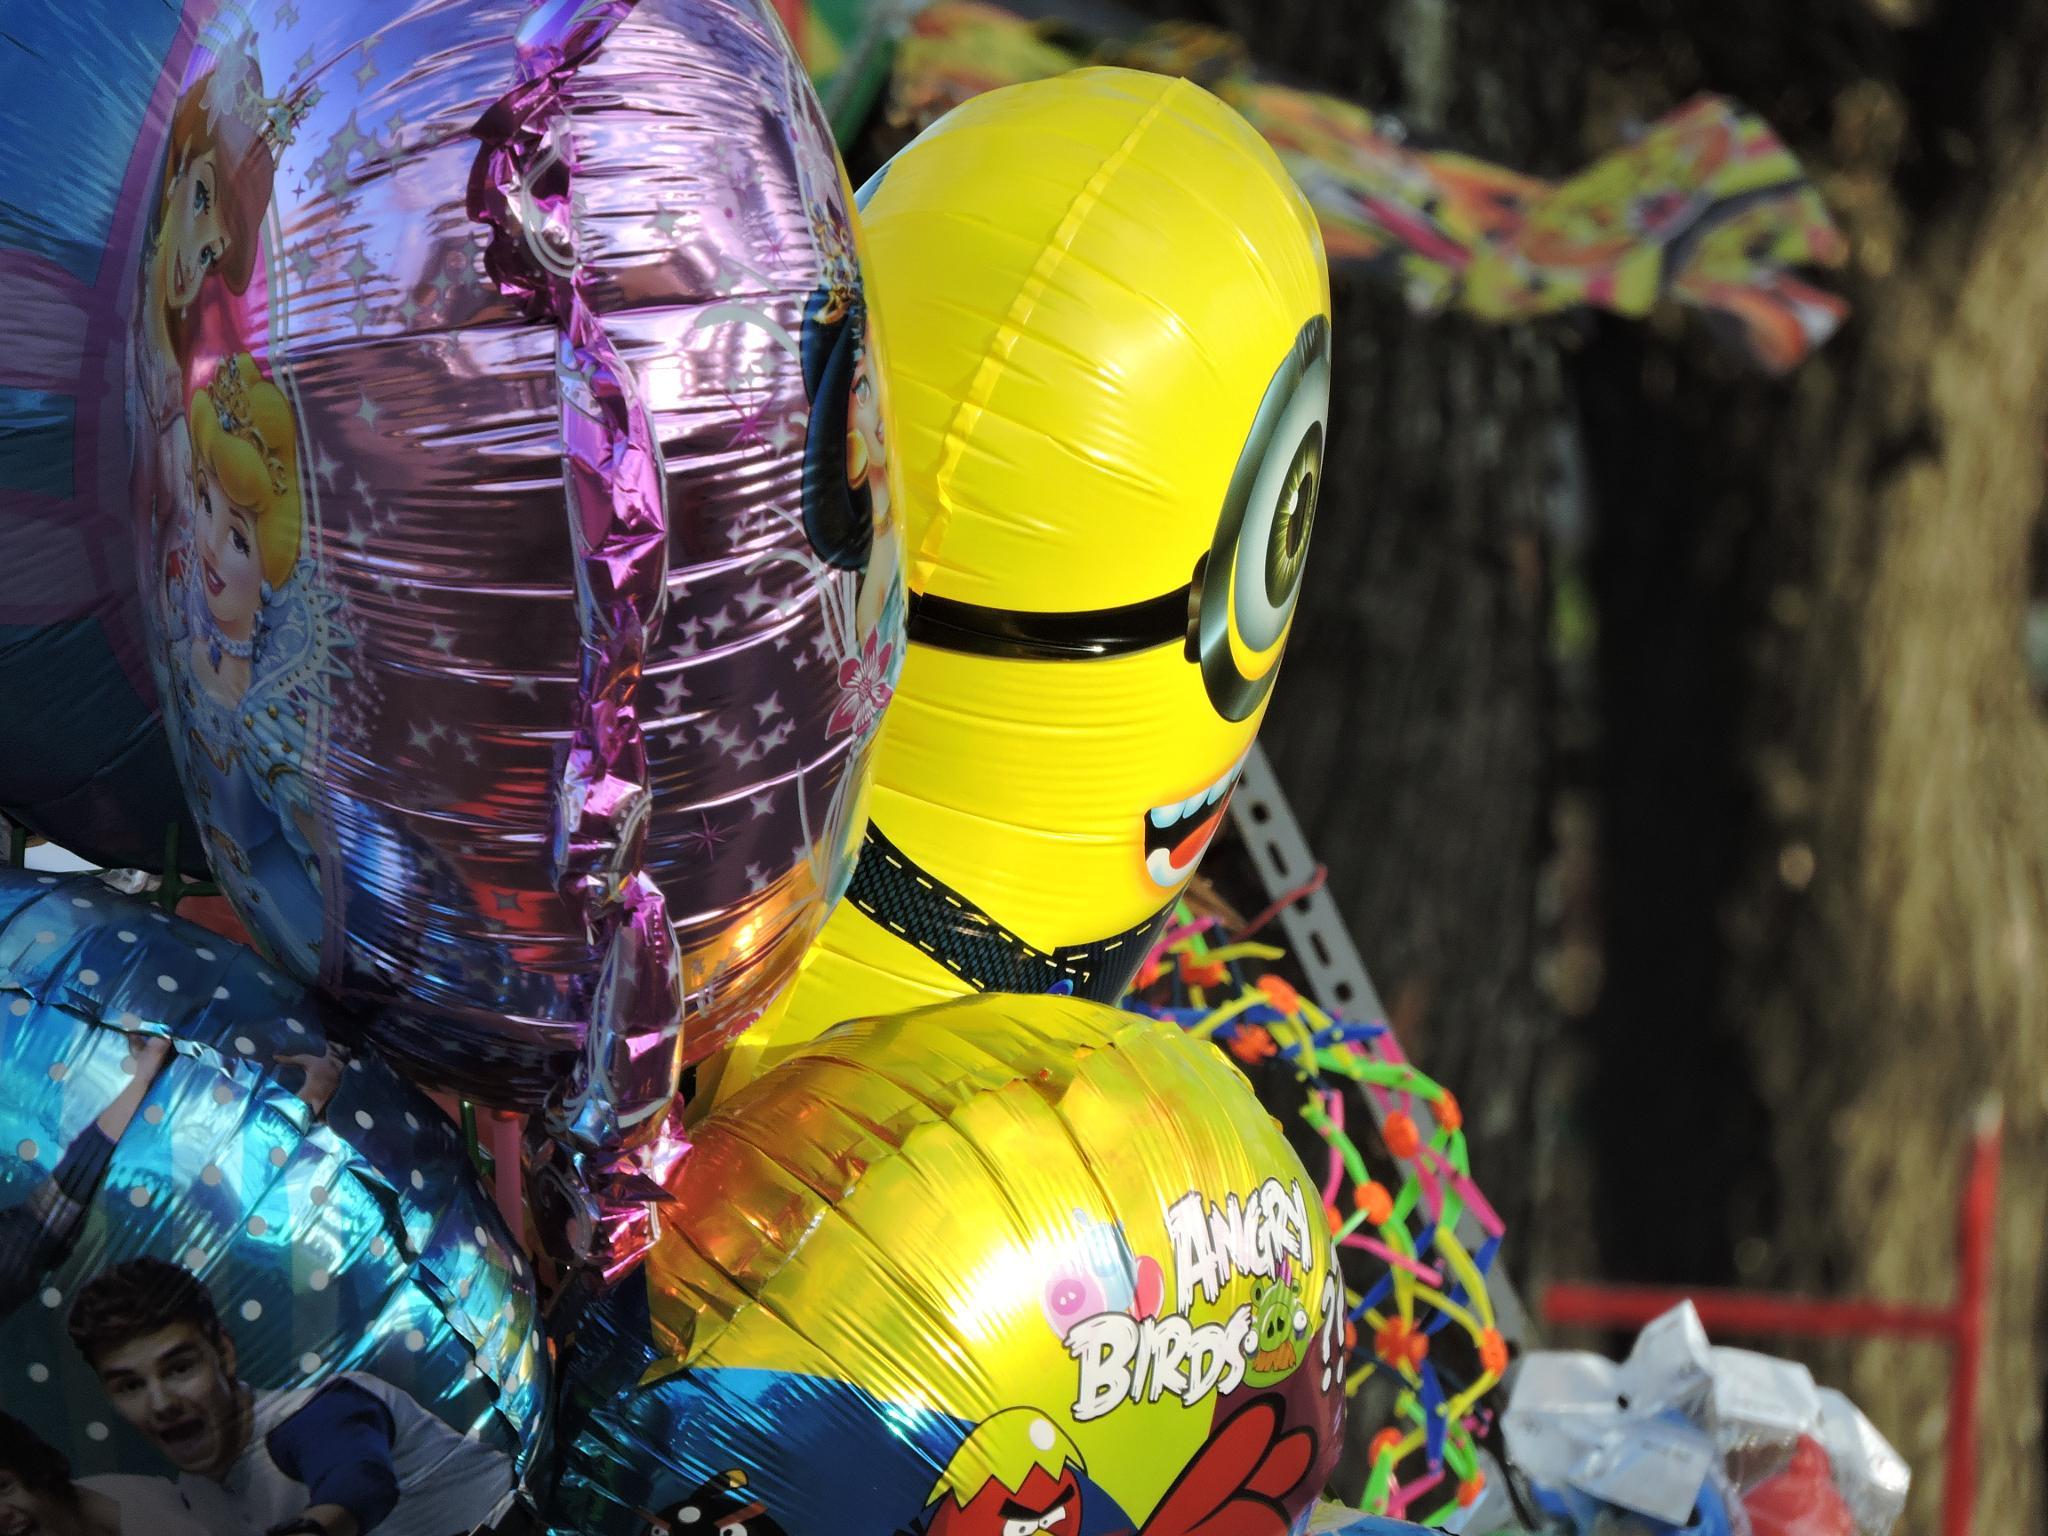 Globos metálicos (Metallic balloons) by marcelo.vazquez.1964